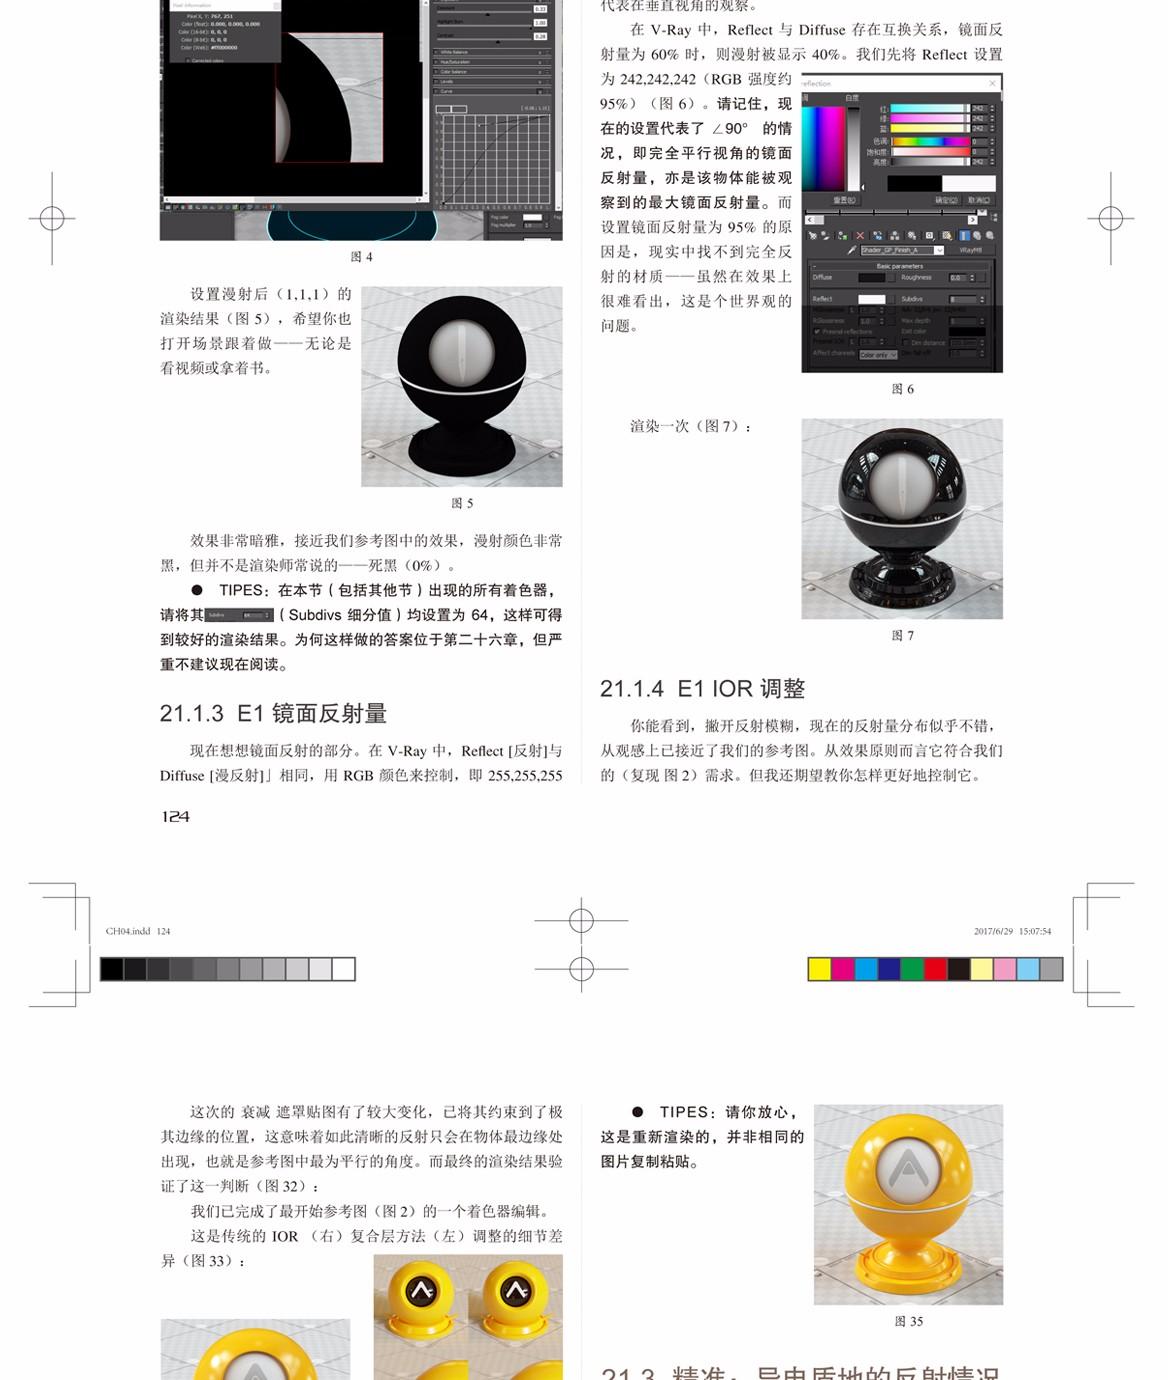 预售页面修改2017-11-3xin_11.jpg